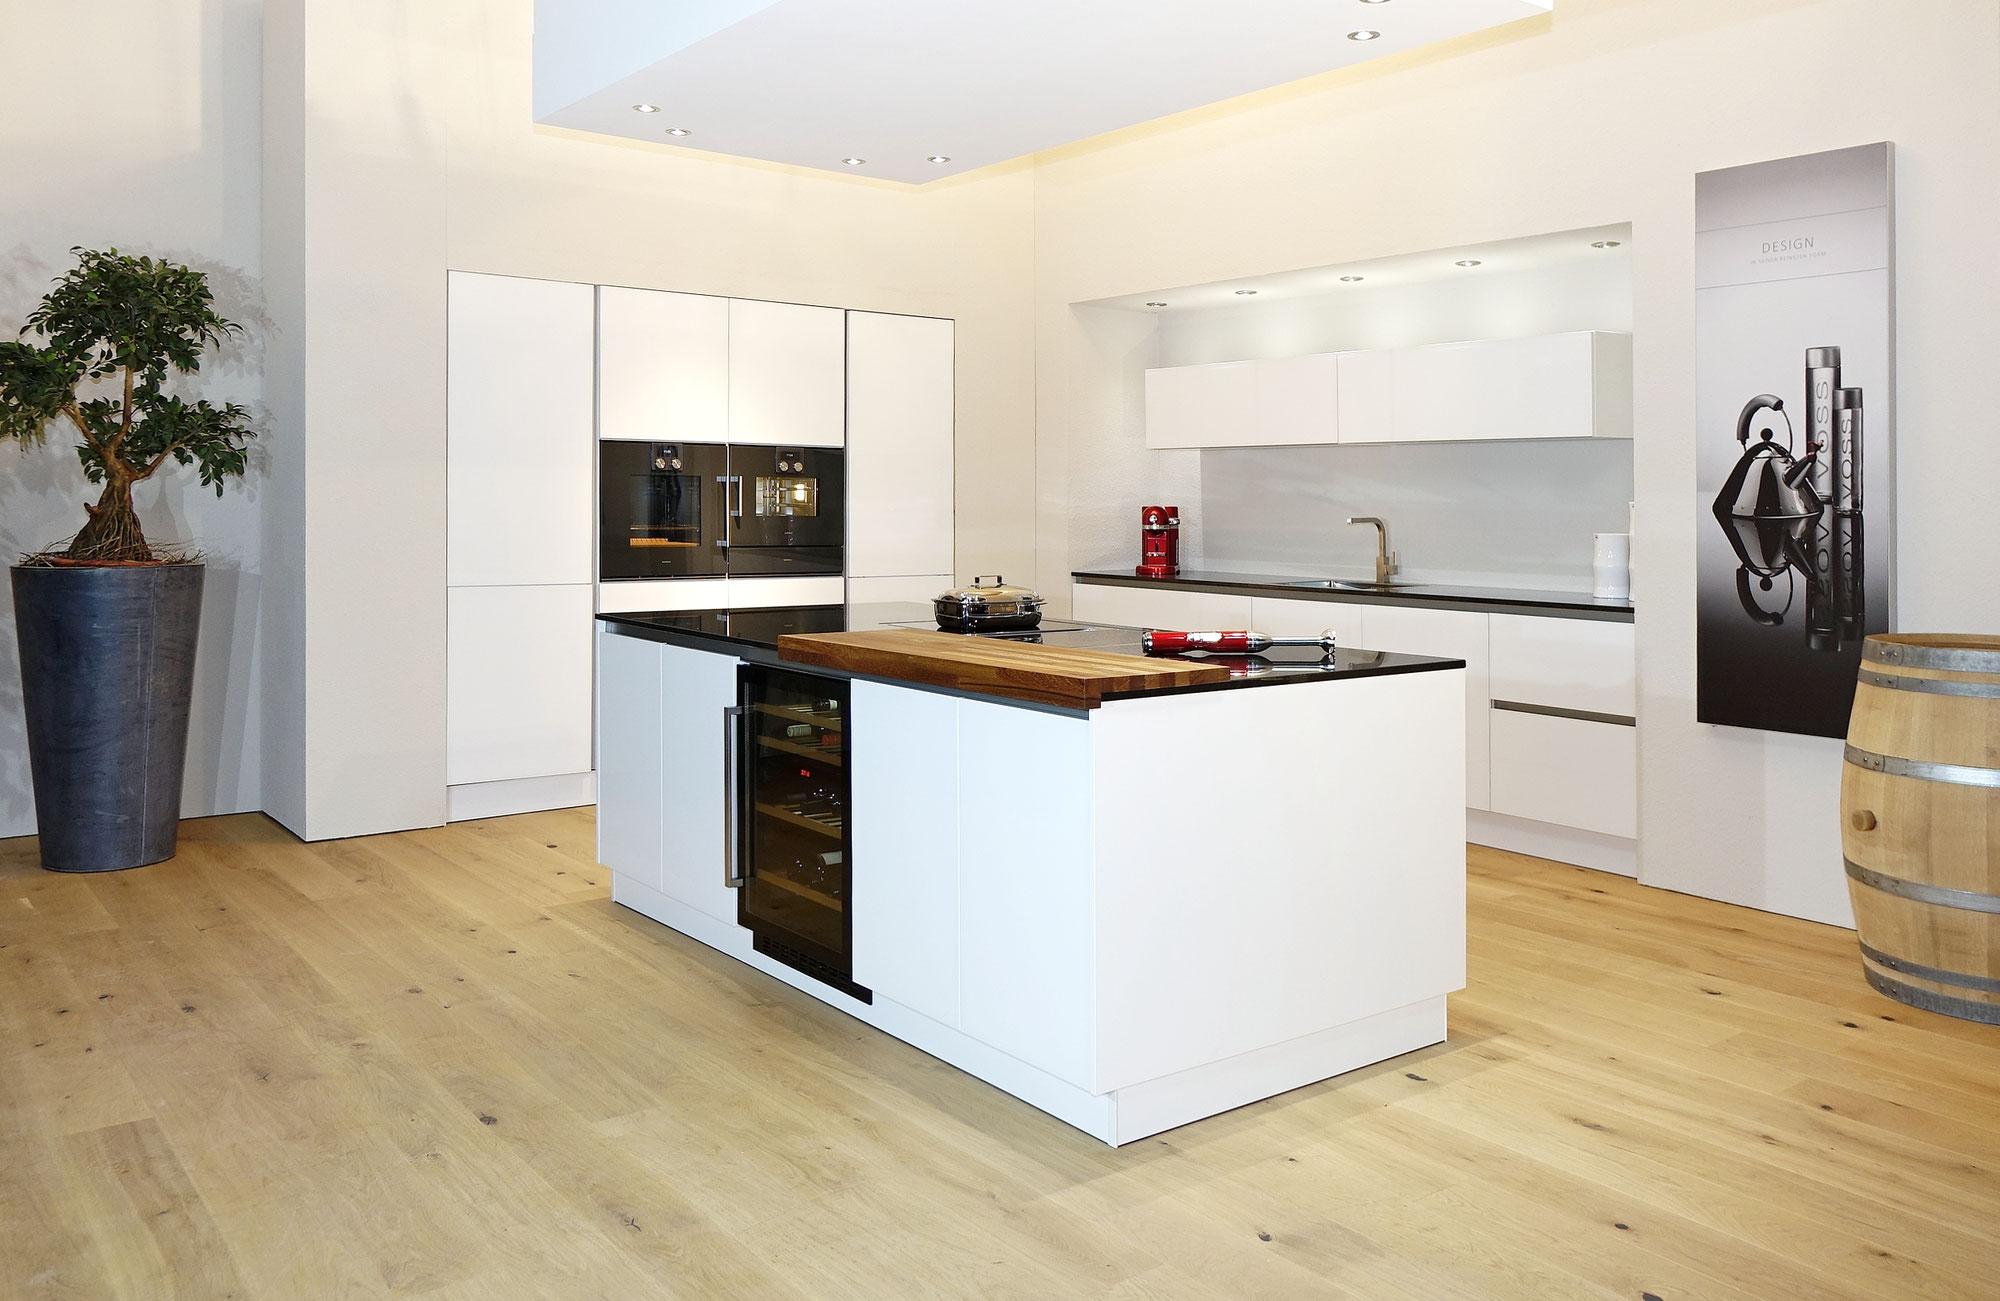 Full Size of Nolte Einlegeböden Küche Einlegeböden Küchenschrank Einlegeböden Küche Glas Einlegeböden Küchenschränke Küche Einlegeböden Küche